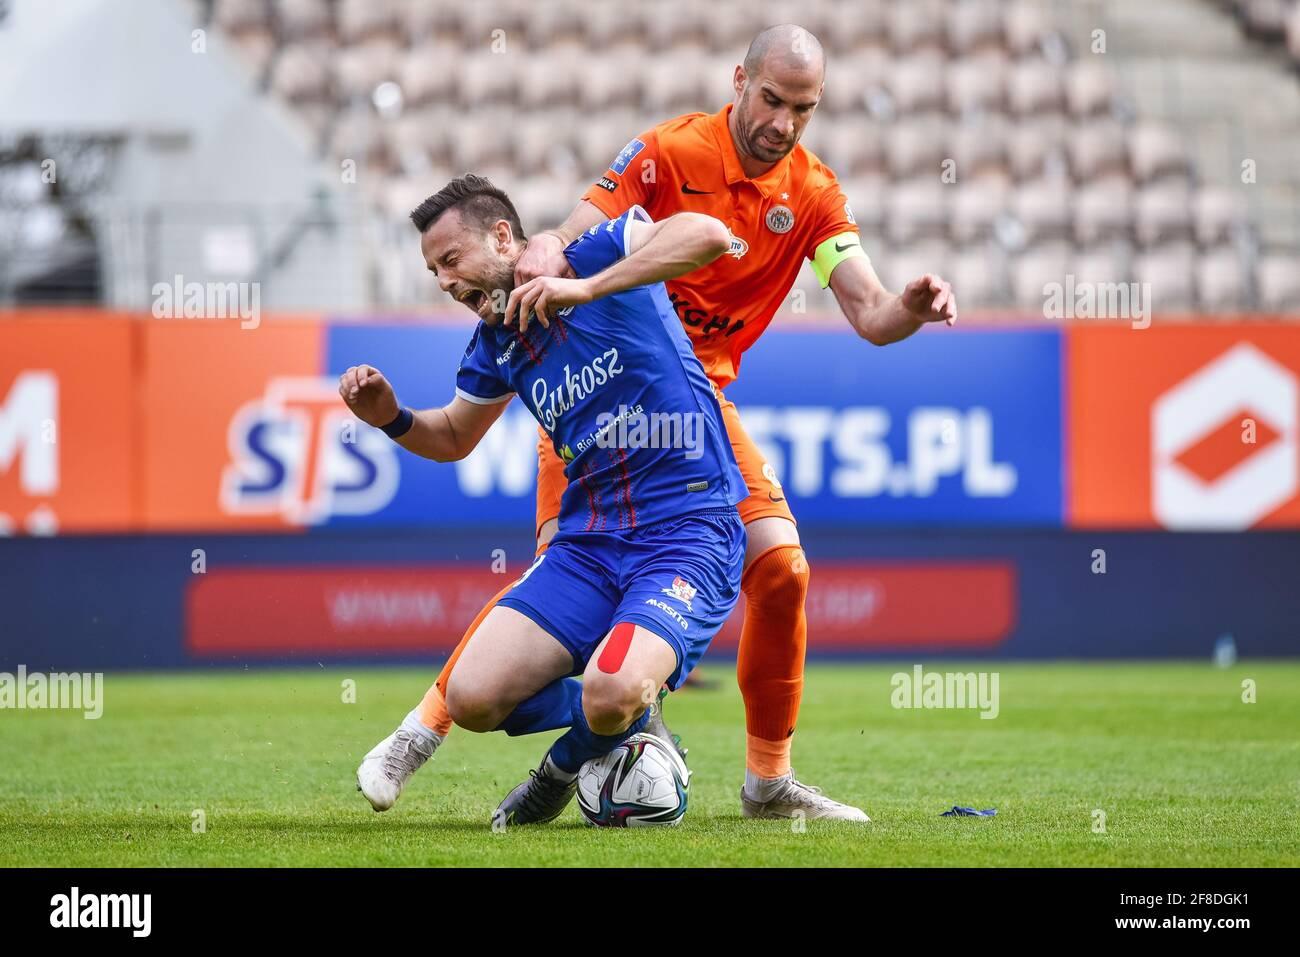 LUBIN, POLAND - APRIL 11, 2021: Football match Polish PKO Ekstraklasa between KGHM Zaglebie Lubin - Podbeskidzie Bielsko-Biala 2:1. In action Kamil Bi Stock Photo - Alamy